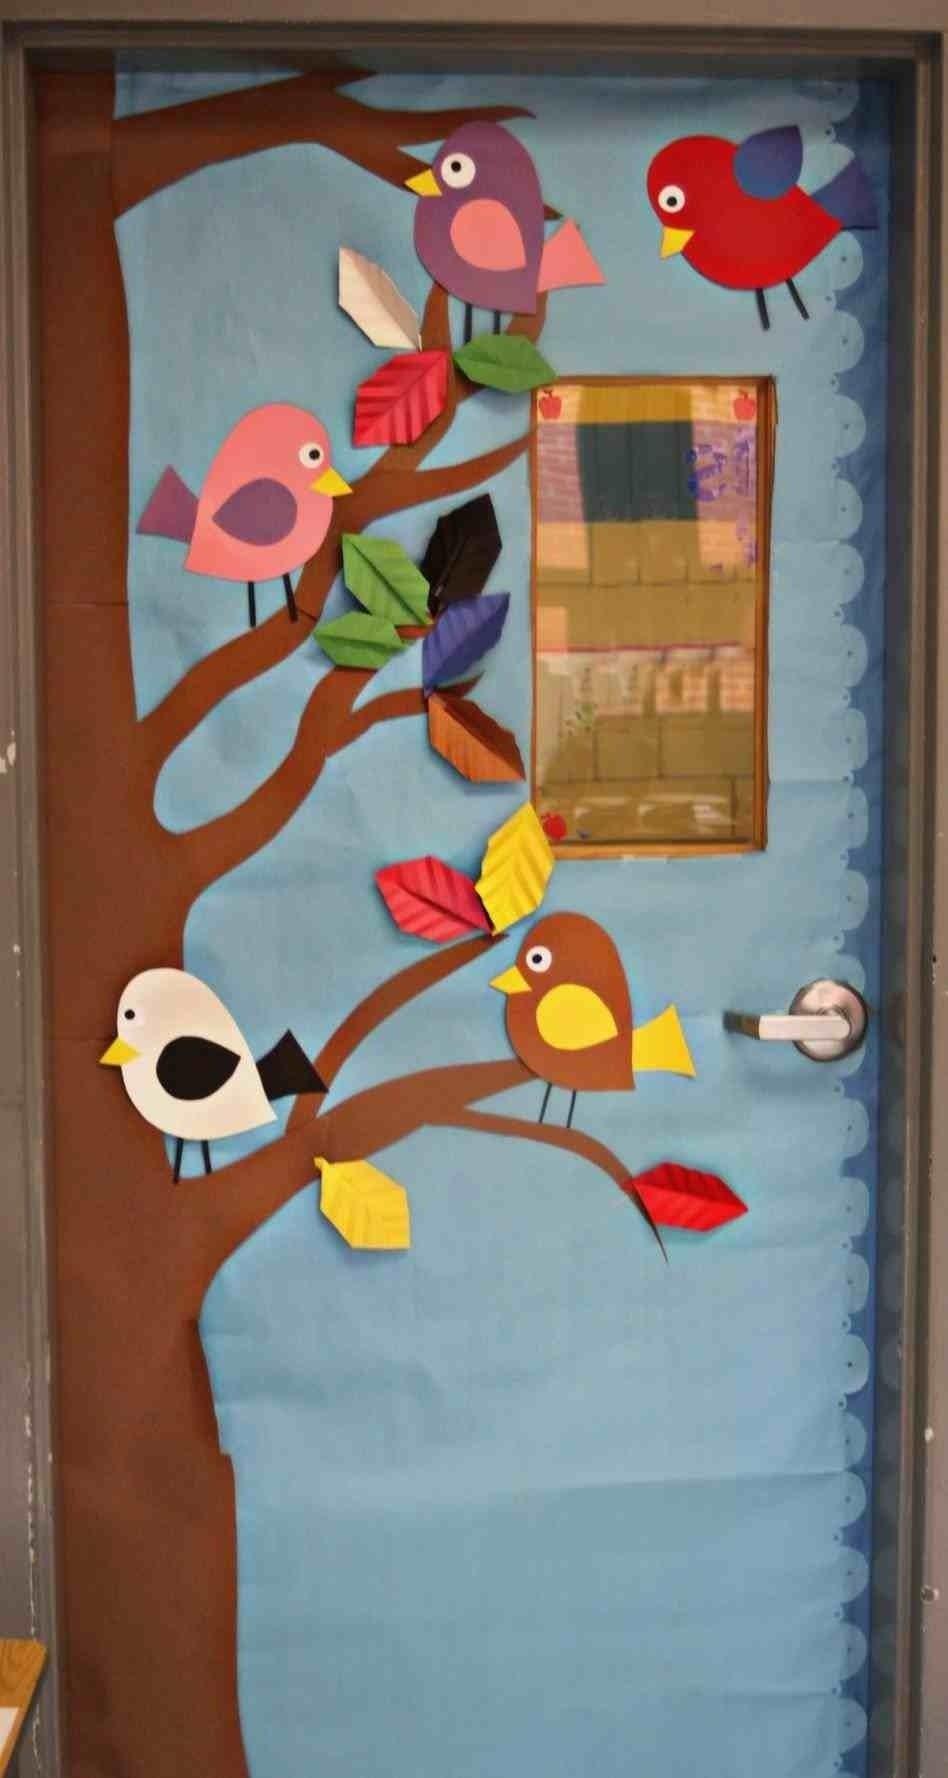 10 Best Door Decorating Ideas For School the images collection of door decorating ideas for school 2021